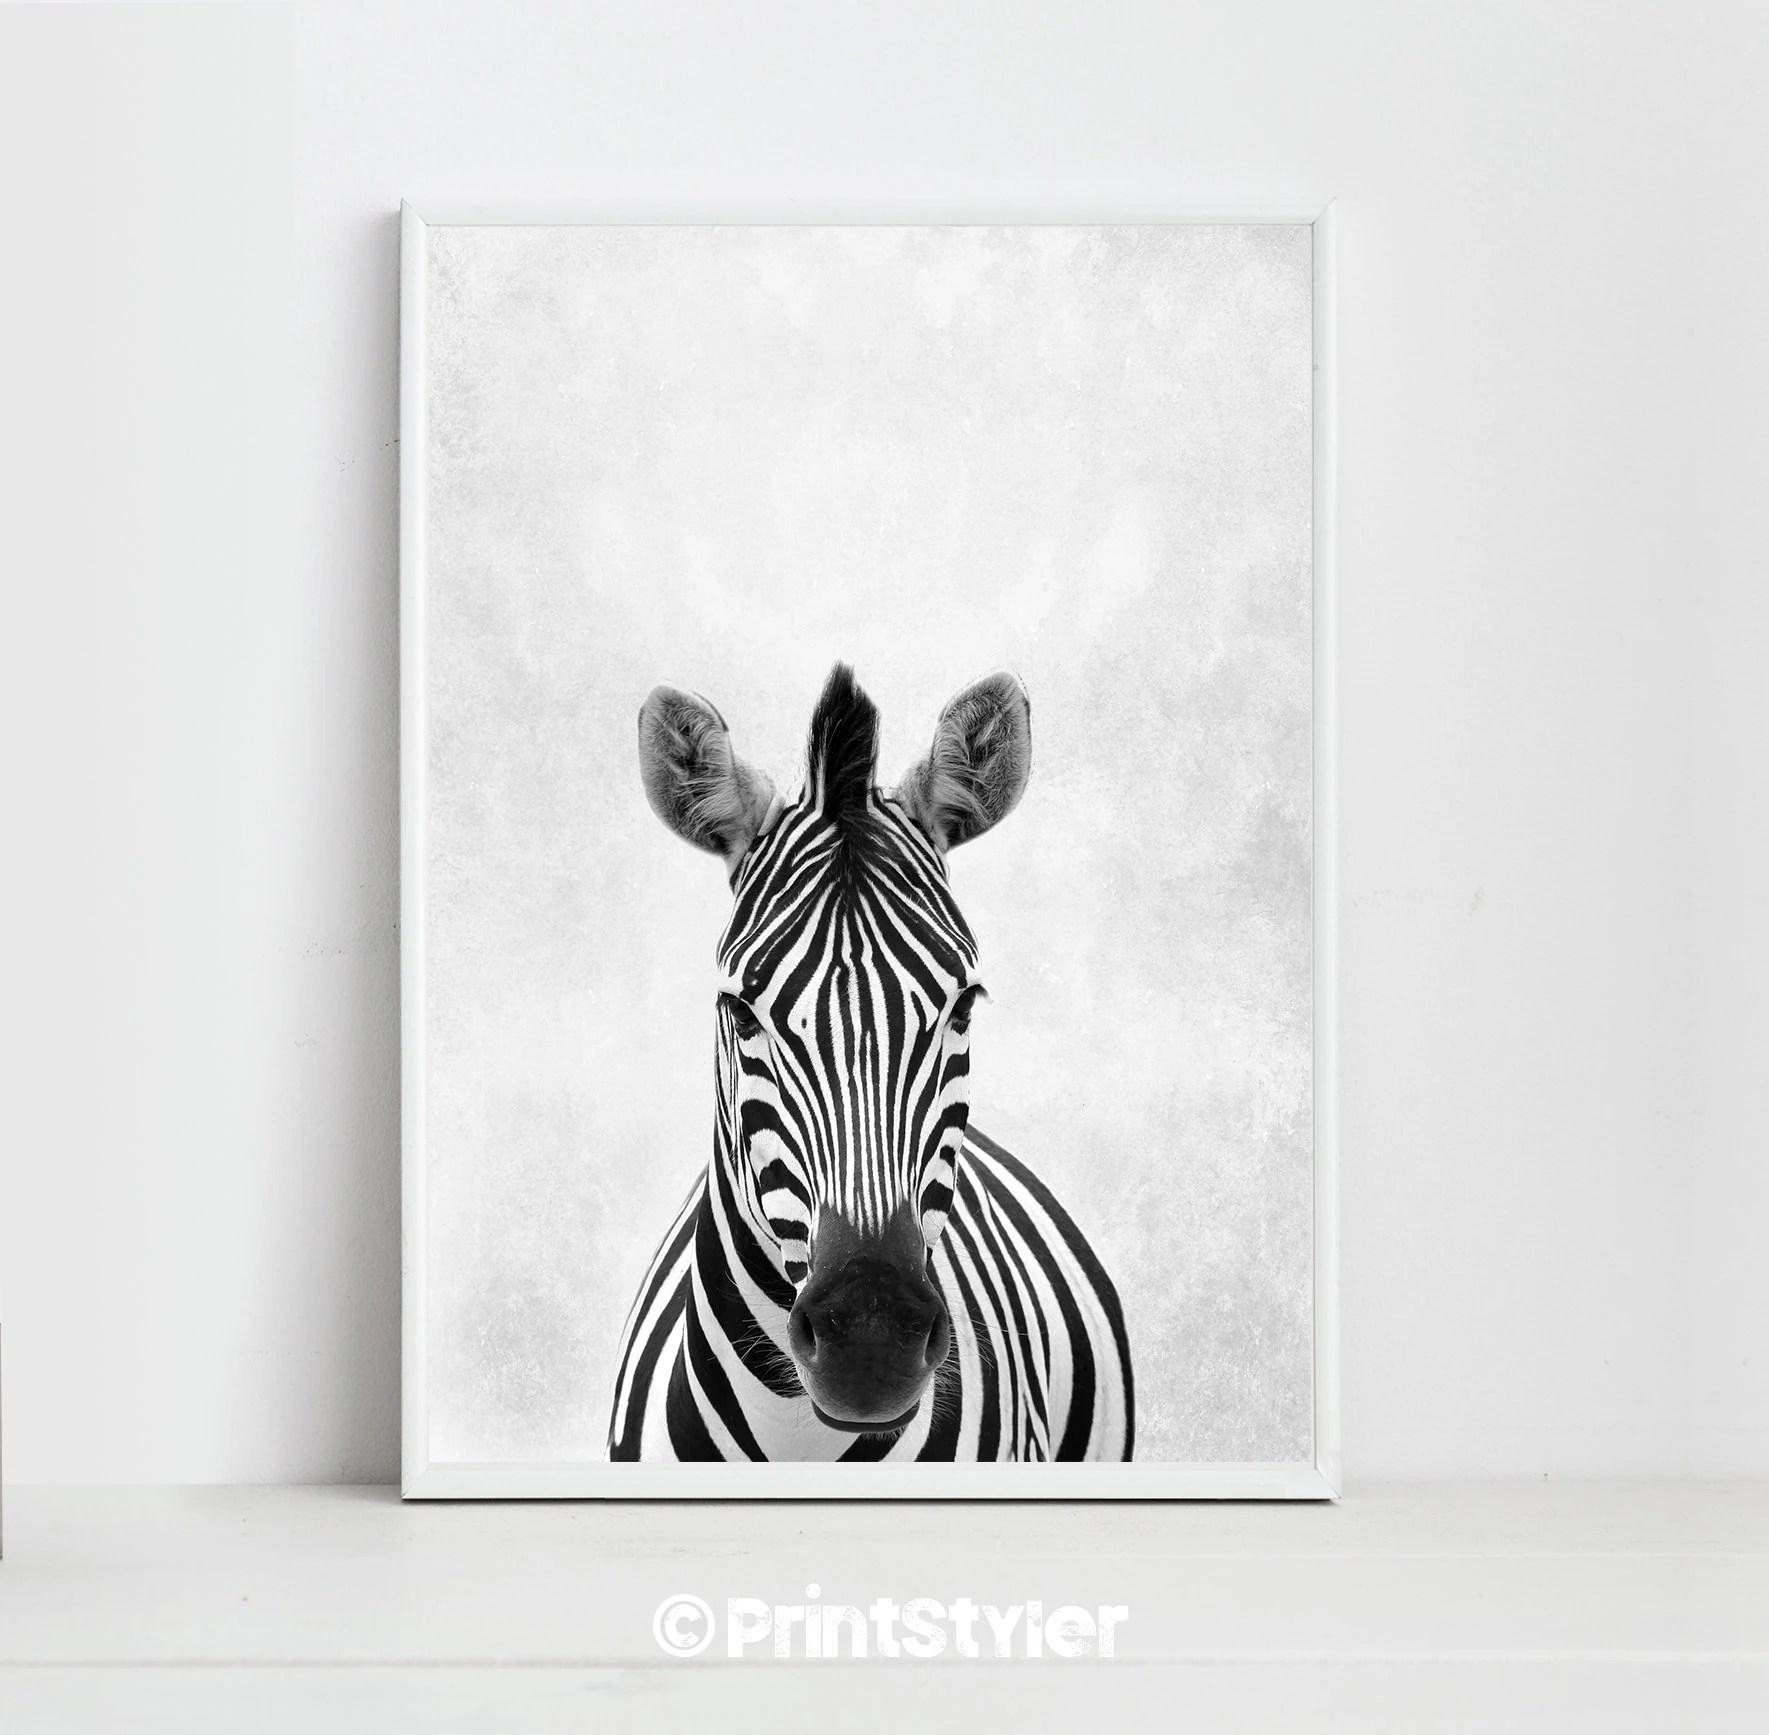 Zebra Print Zebra Art Zebra Poster Animal Prints